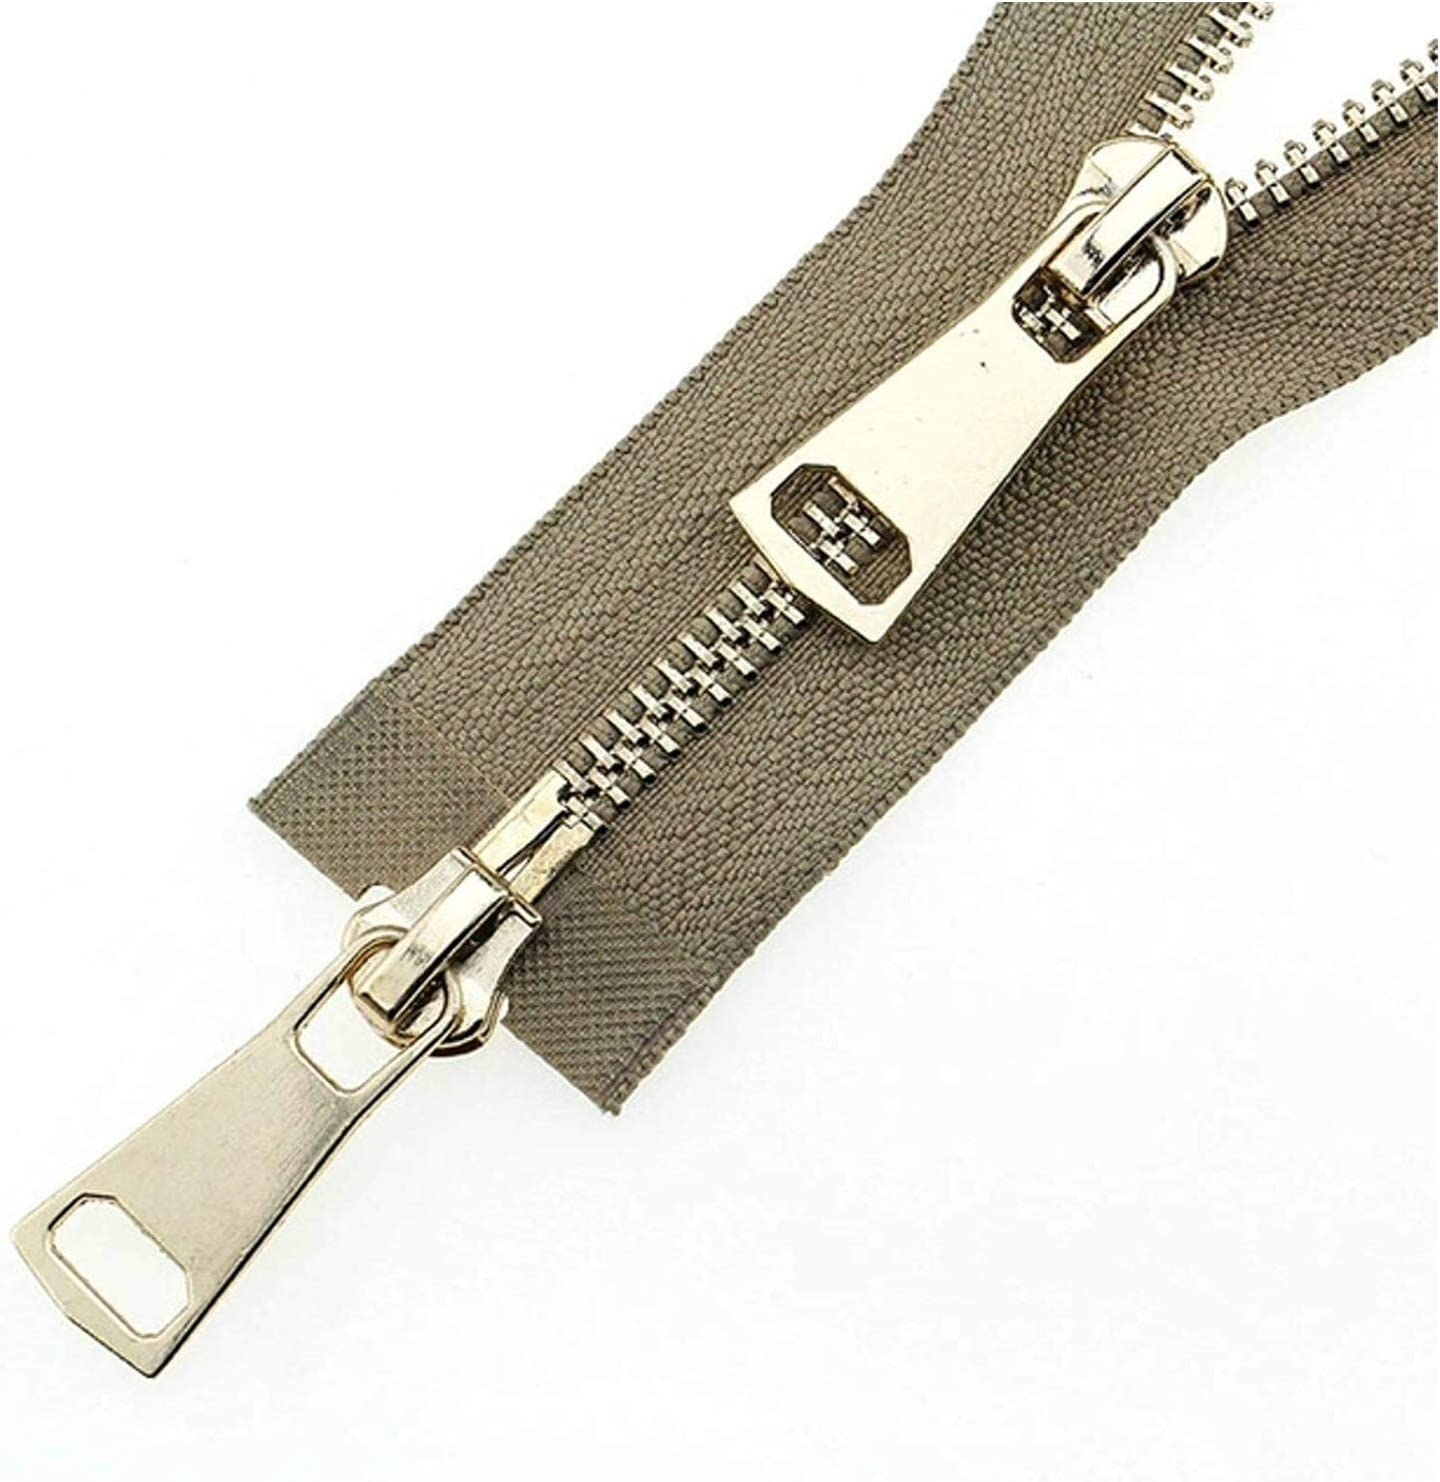 Lieber Lighting Decorative Zipper Double Sliders Auto Lock Metal